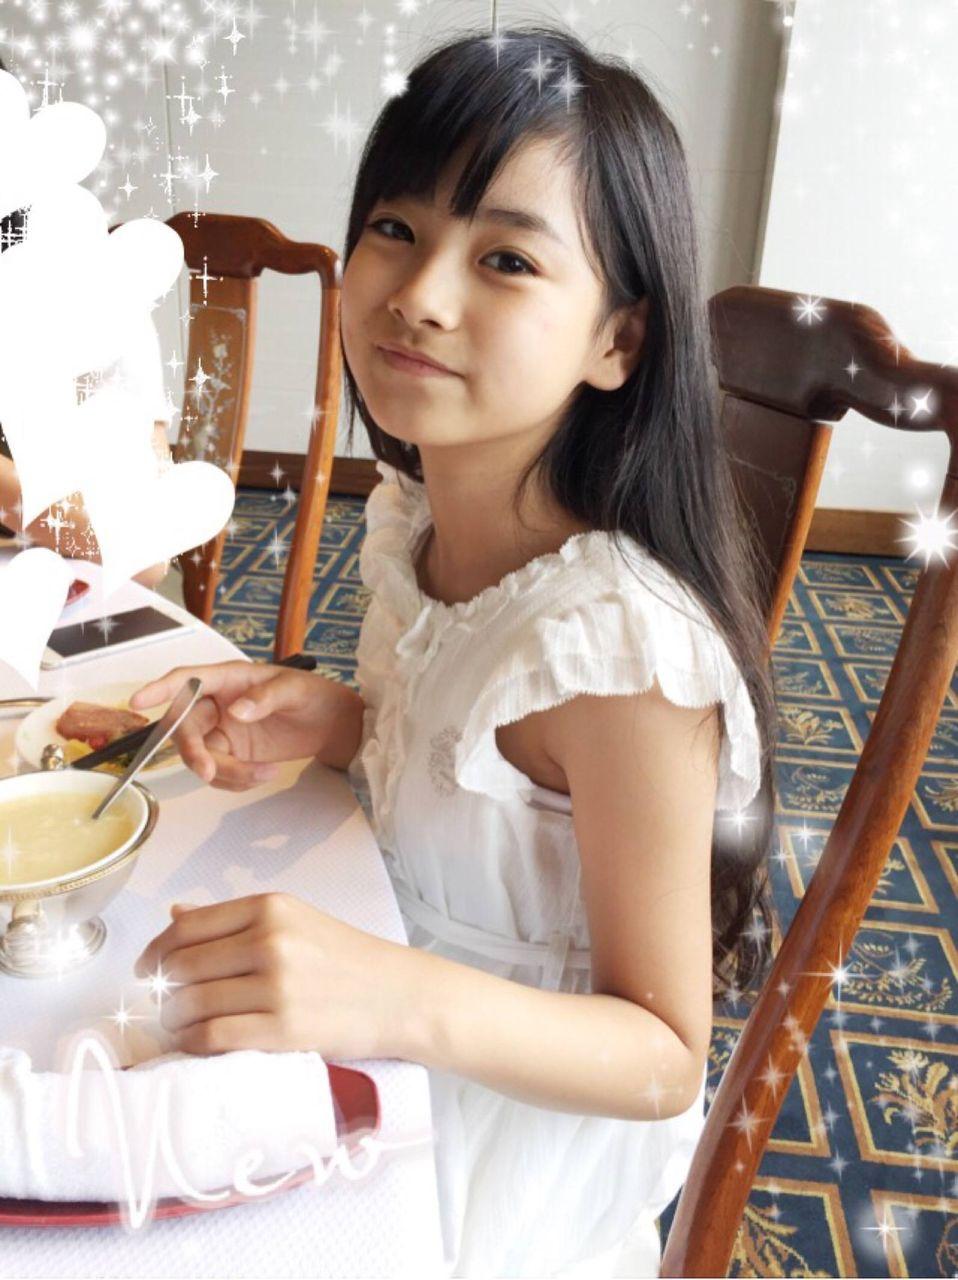 韓国風化粧「オルチャンメイク」が女子小学生にも大流行wwwwww